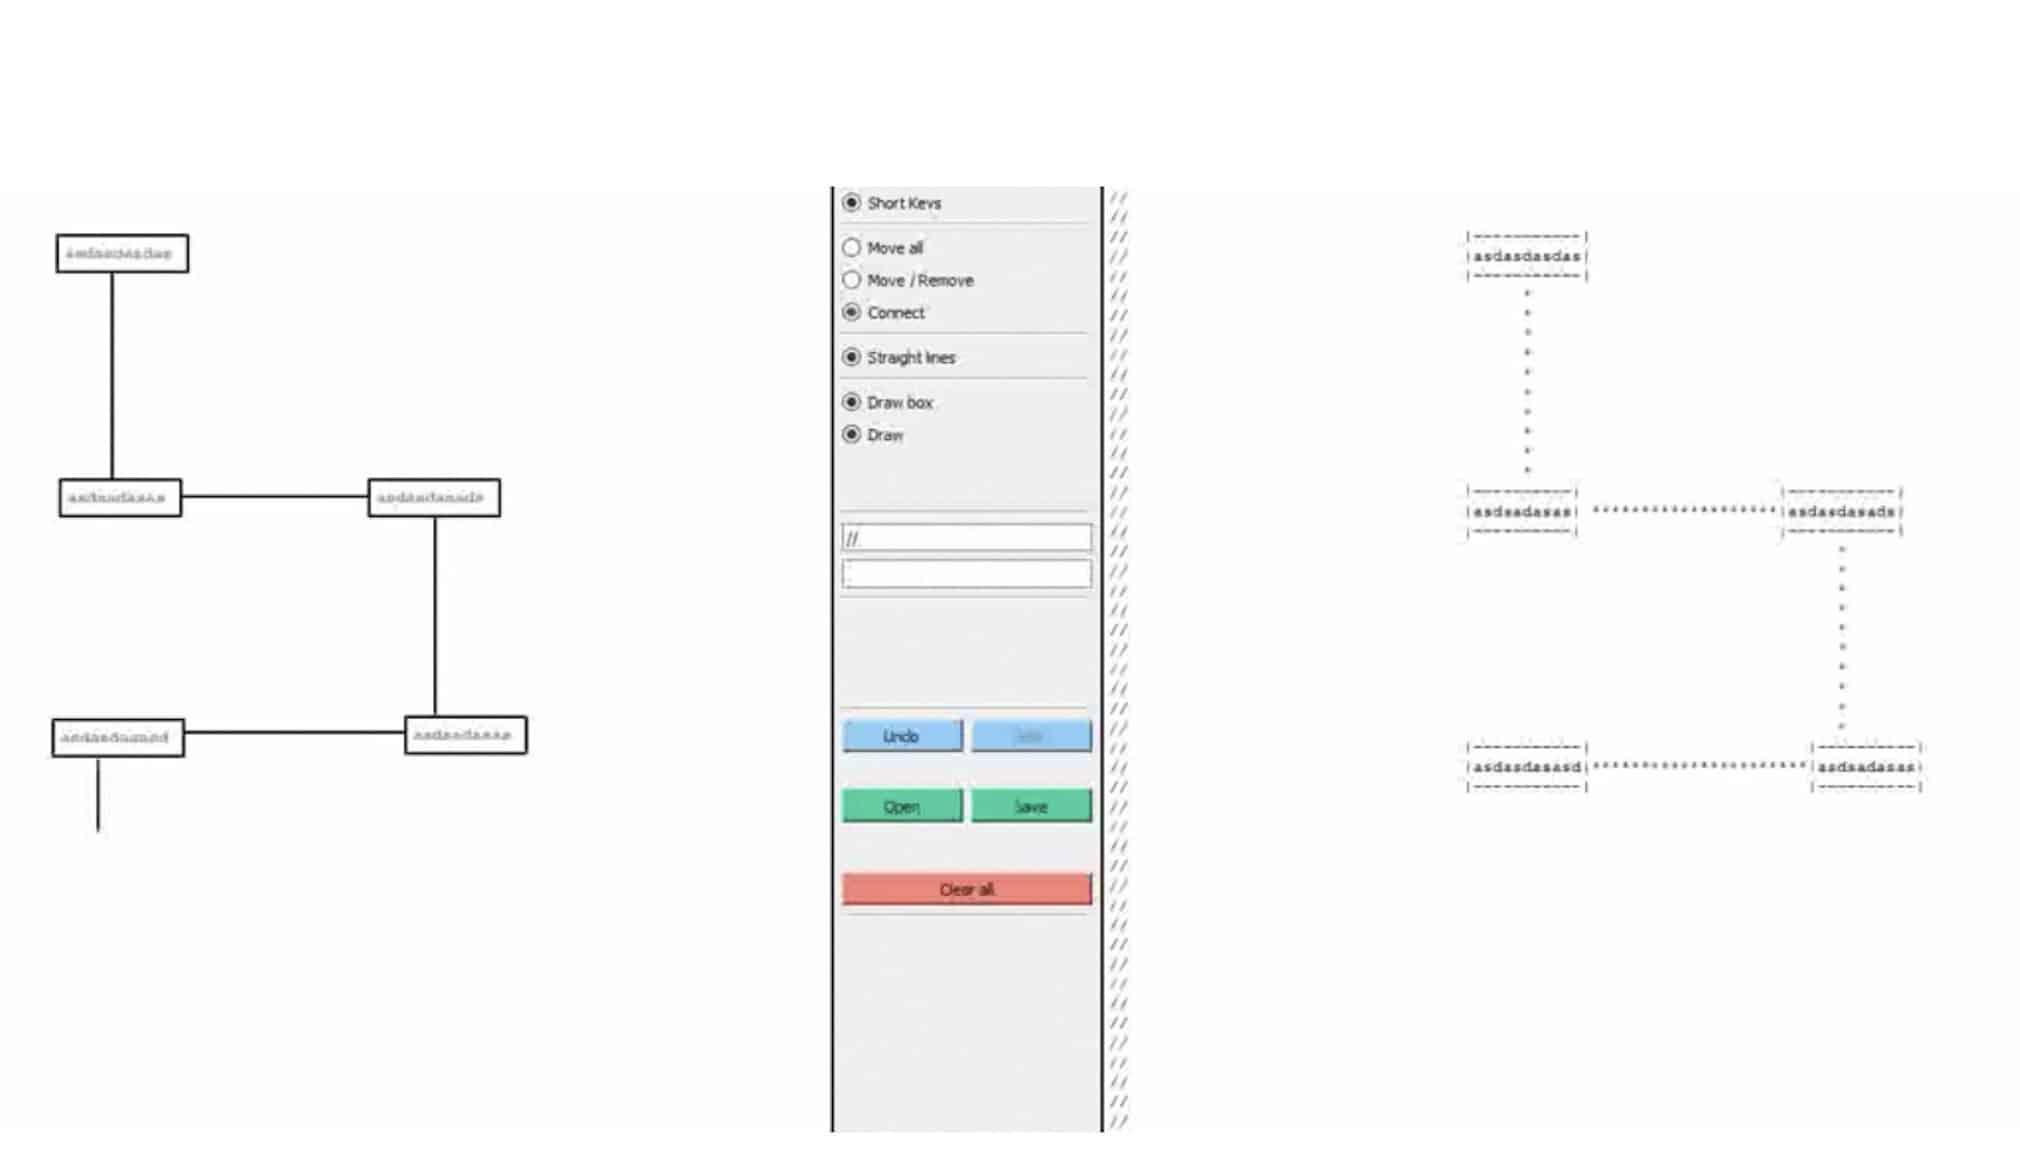 Cet outil permet de dessiner des graphiques et les convertir en fichier texte